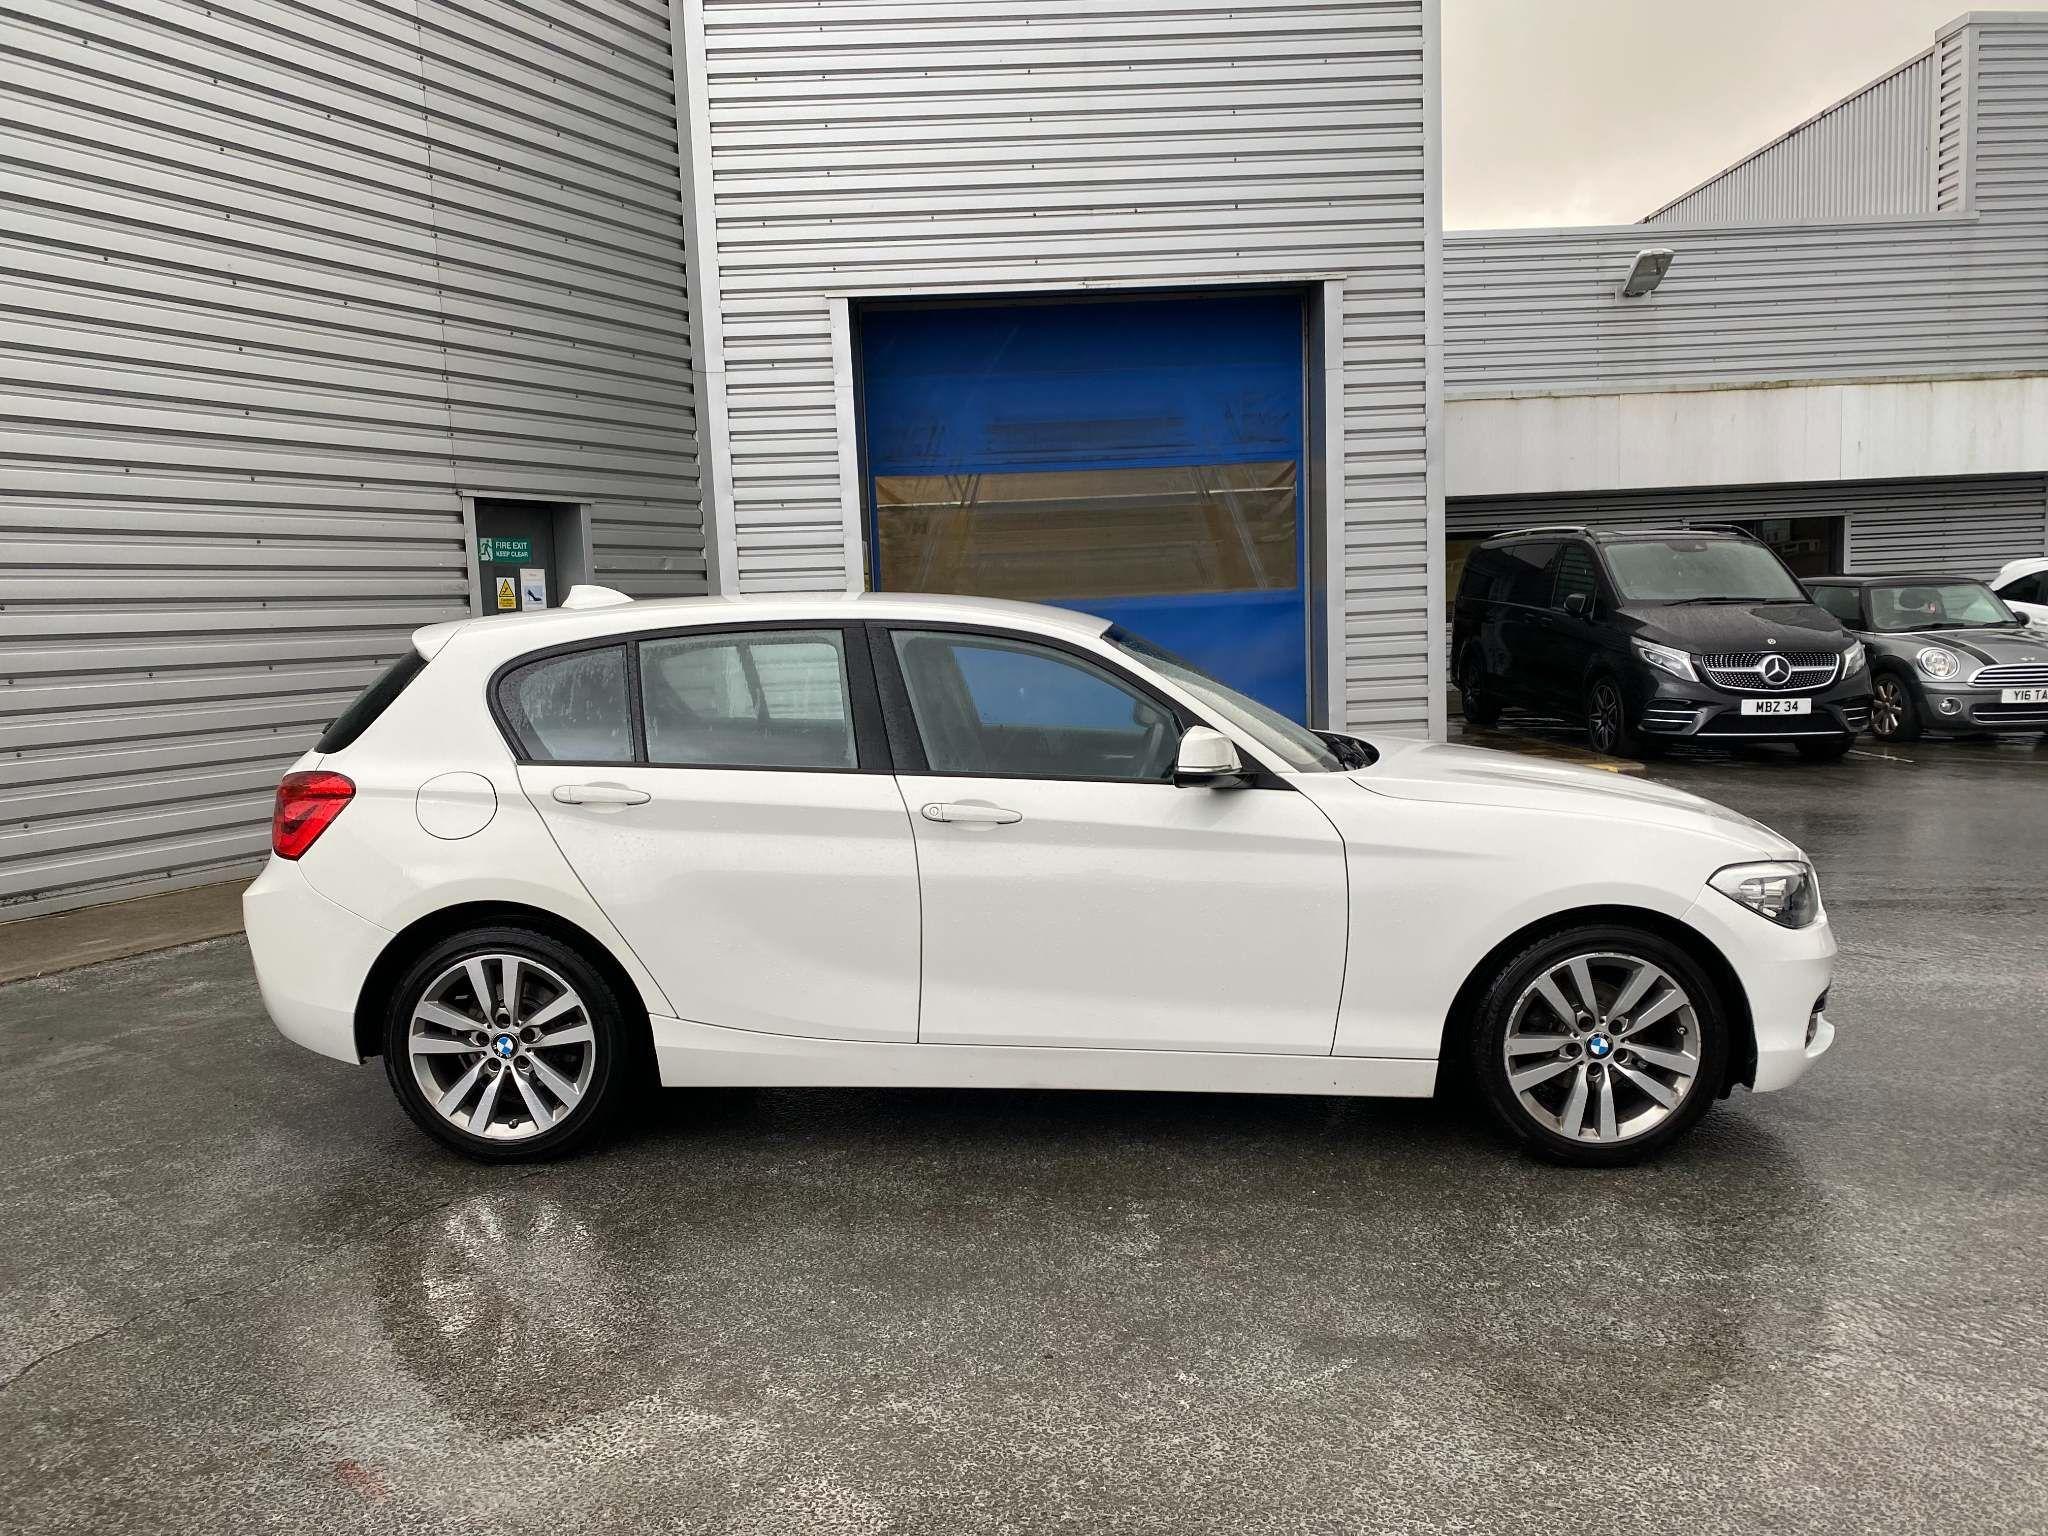 Image 3 - BMW 118i Sport 5-Door (MC66VGP)